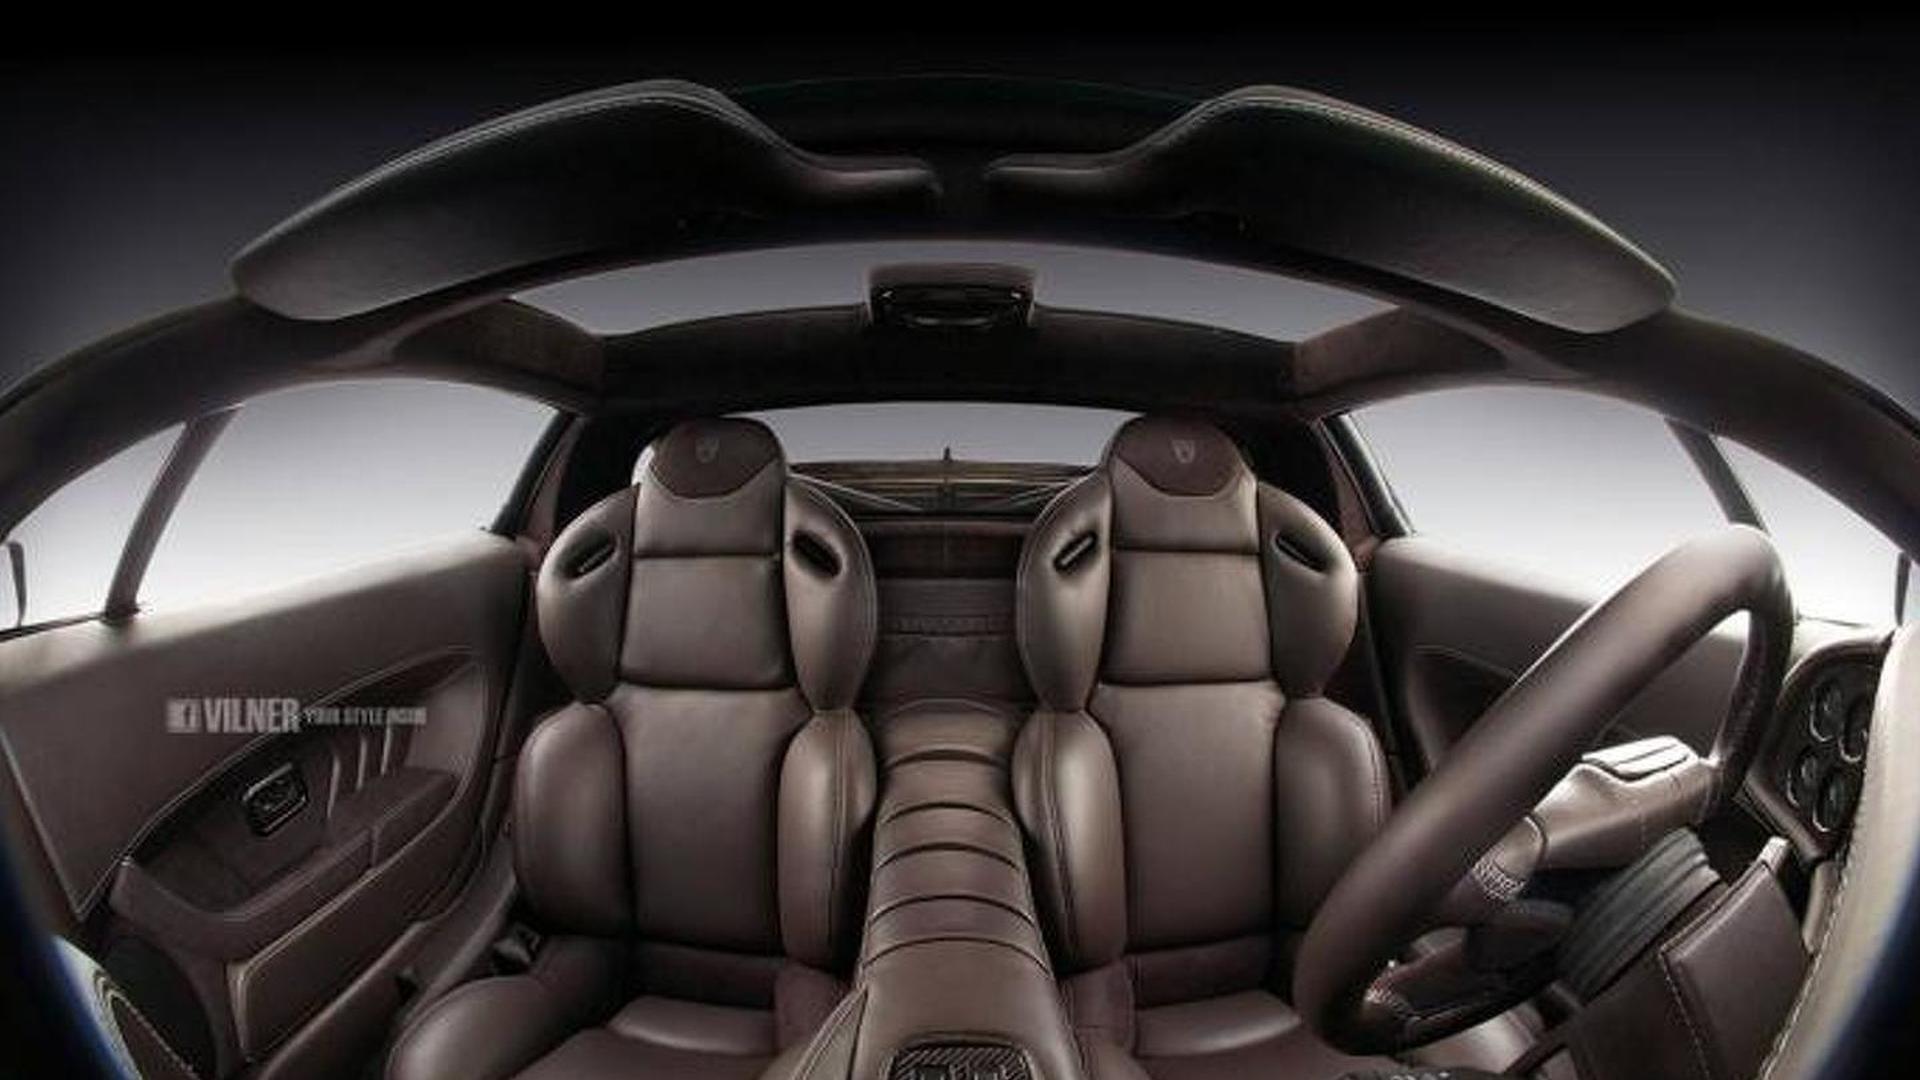 Vilner Jaguar Xj220 601481